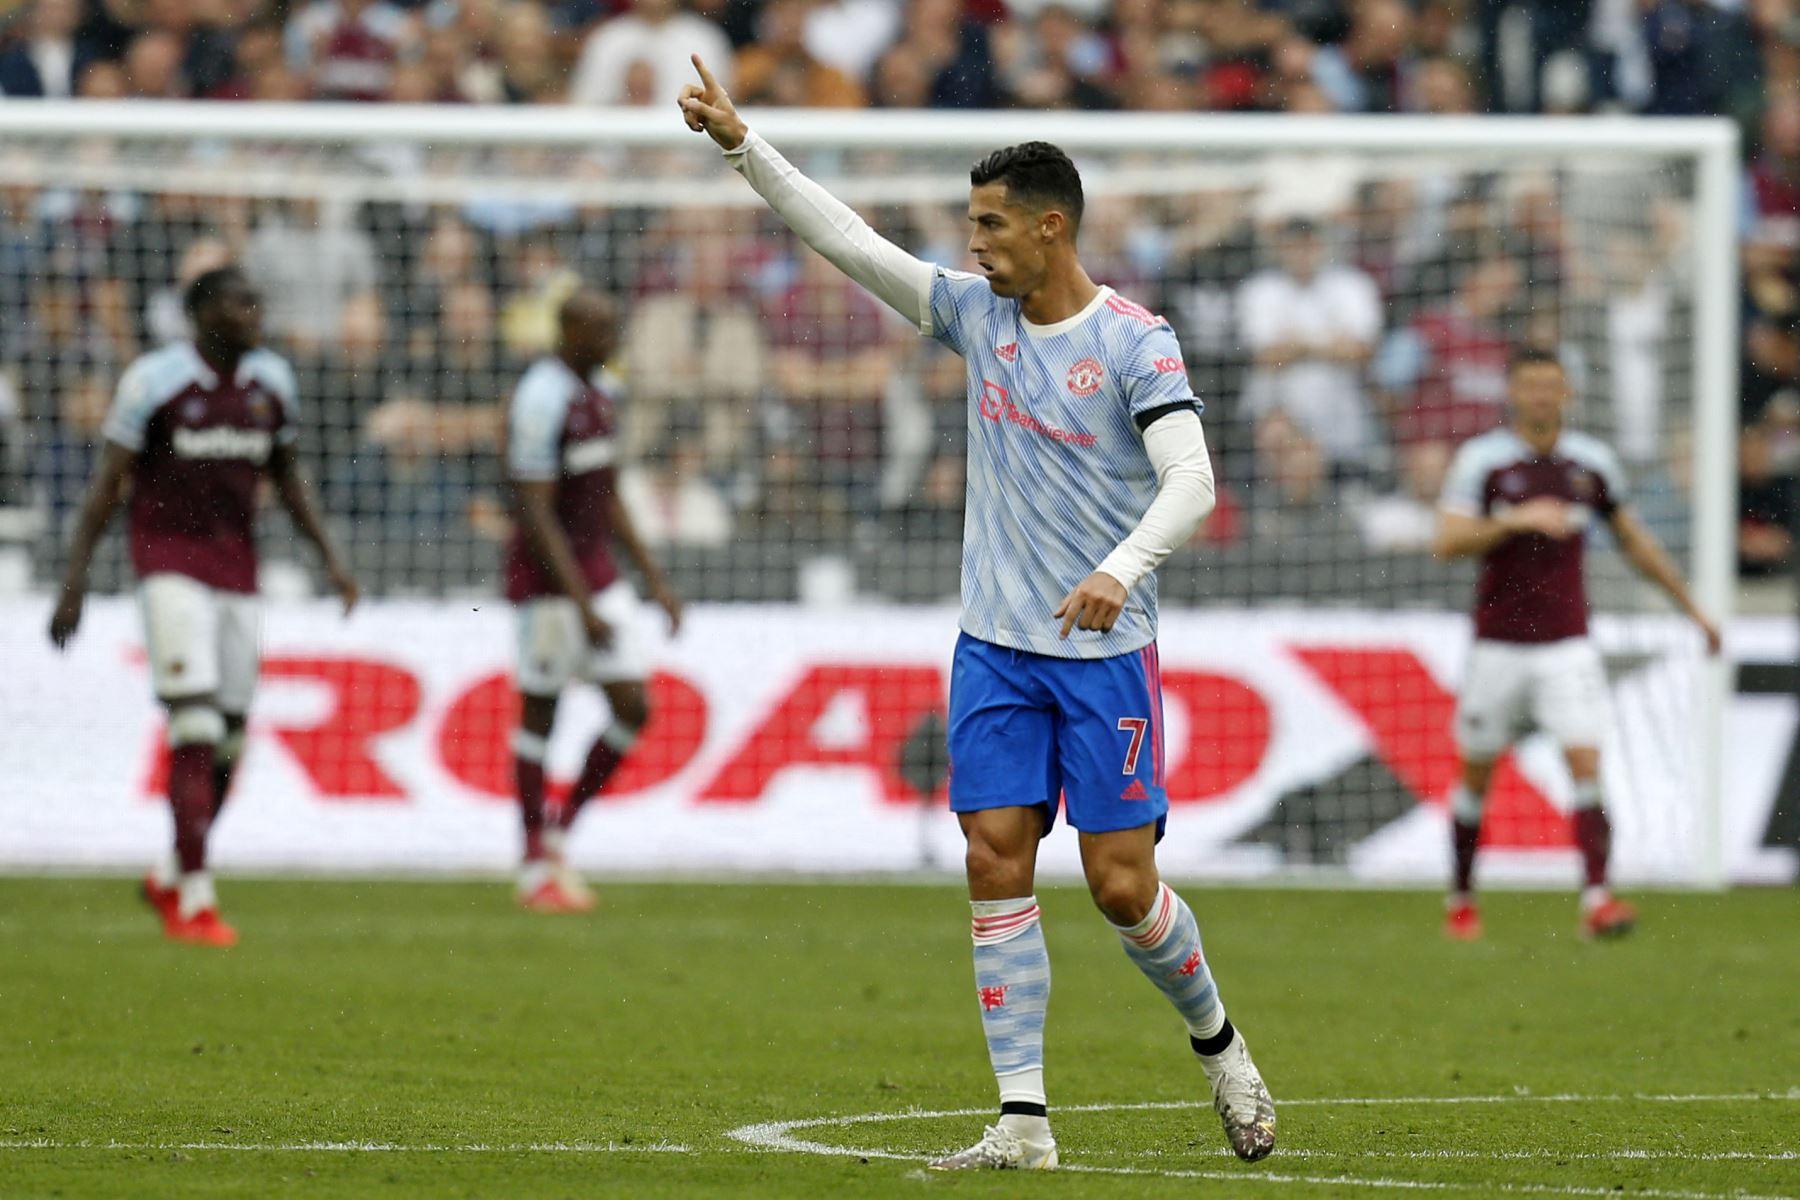 El delantero portugués del Manchester United, Cristiano Ronaldo, celebra tras anotar su primer gol durante el partido de la Premier League. Foto: AFP